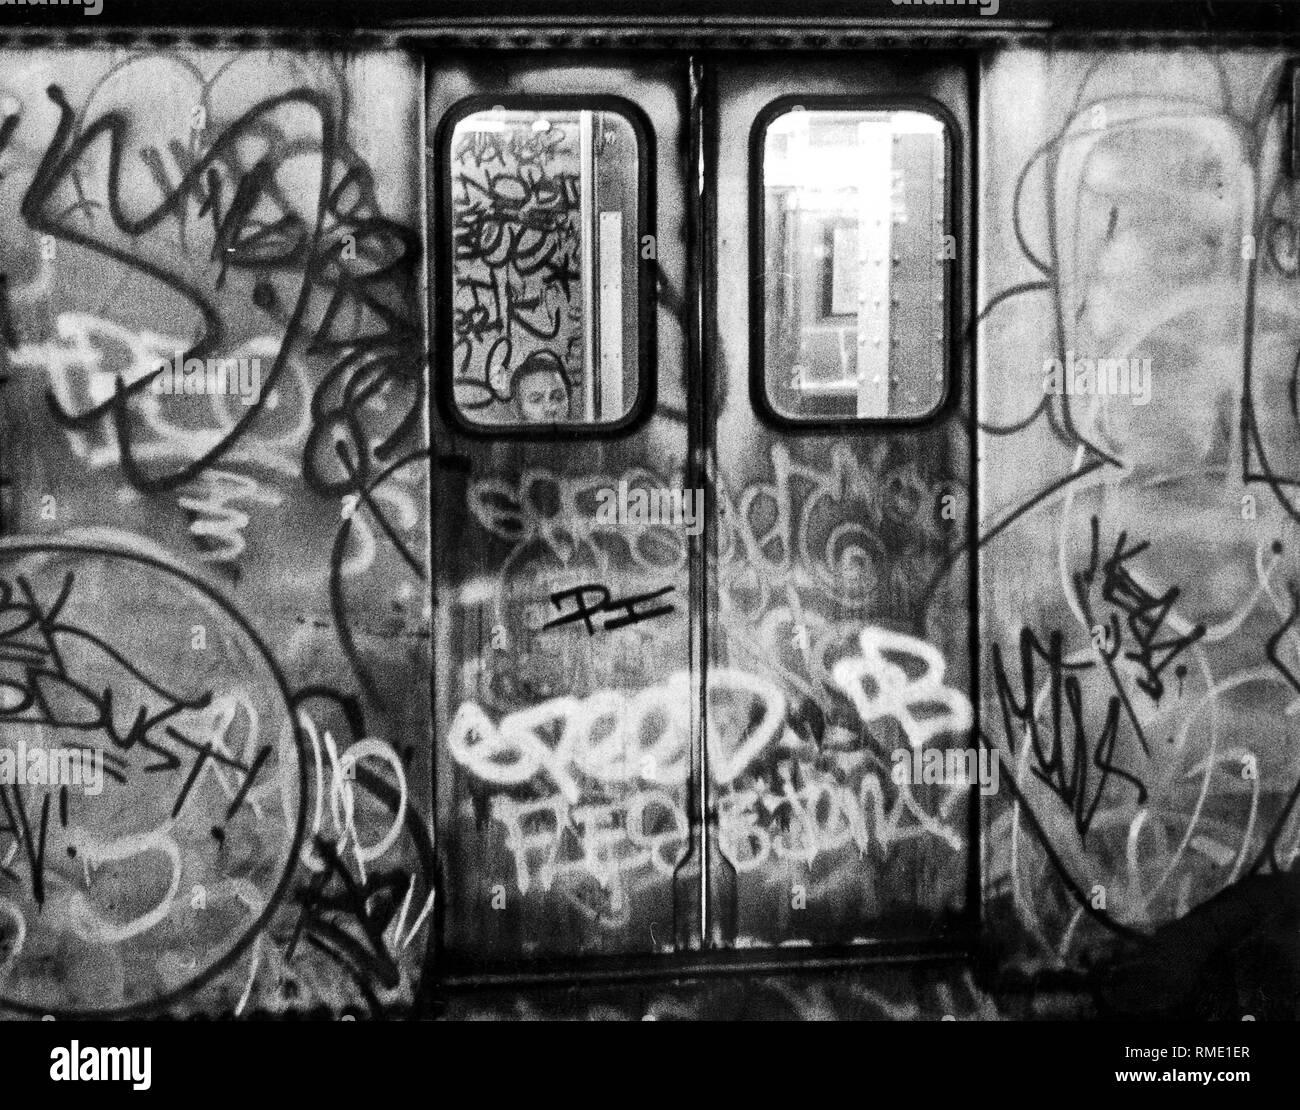 La metropolitana di New York City. foto da 80s. Immagini Stock